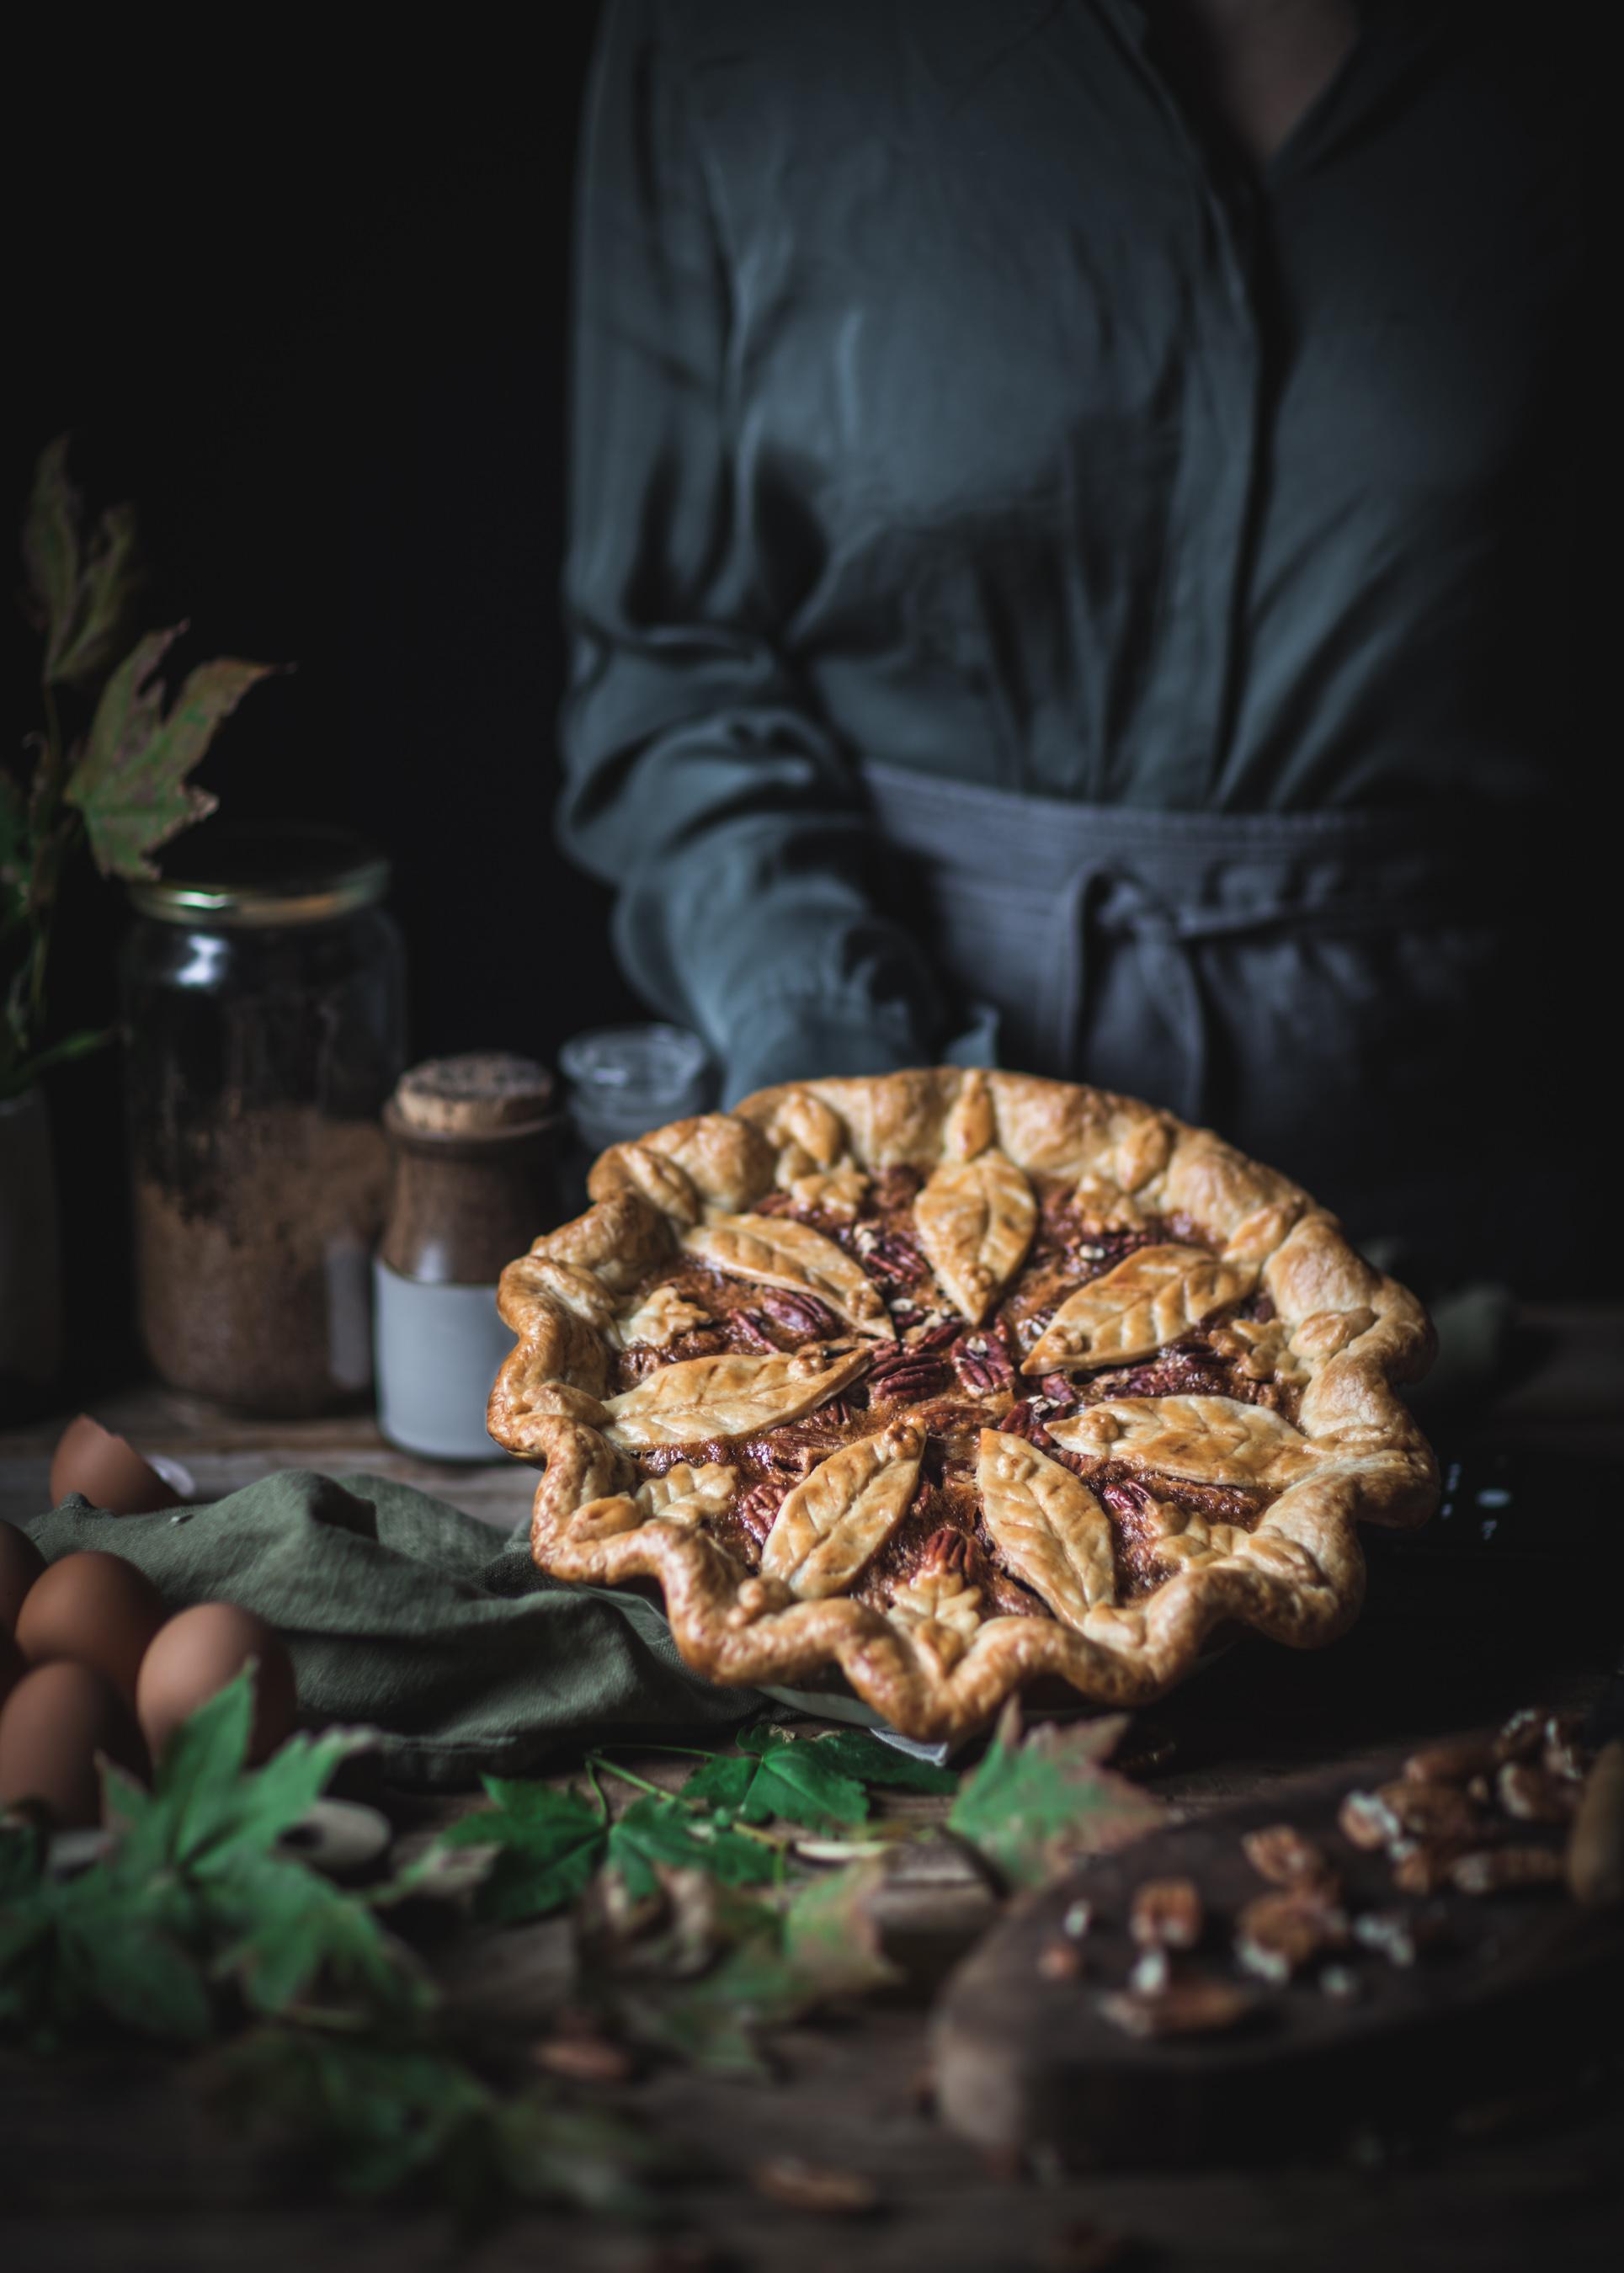 Holding Pie